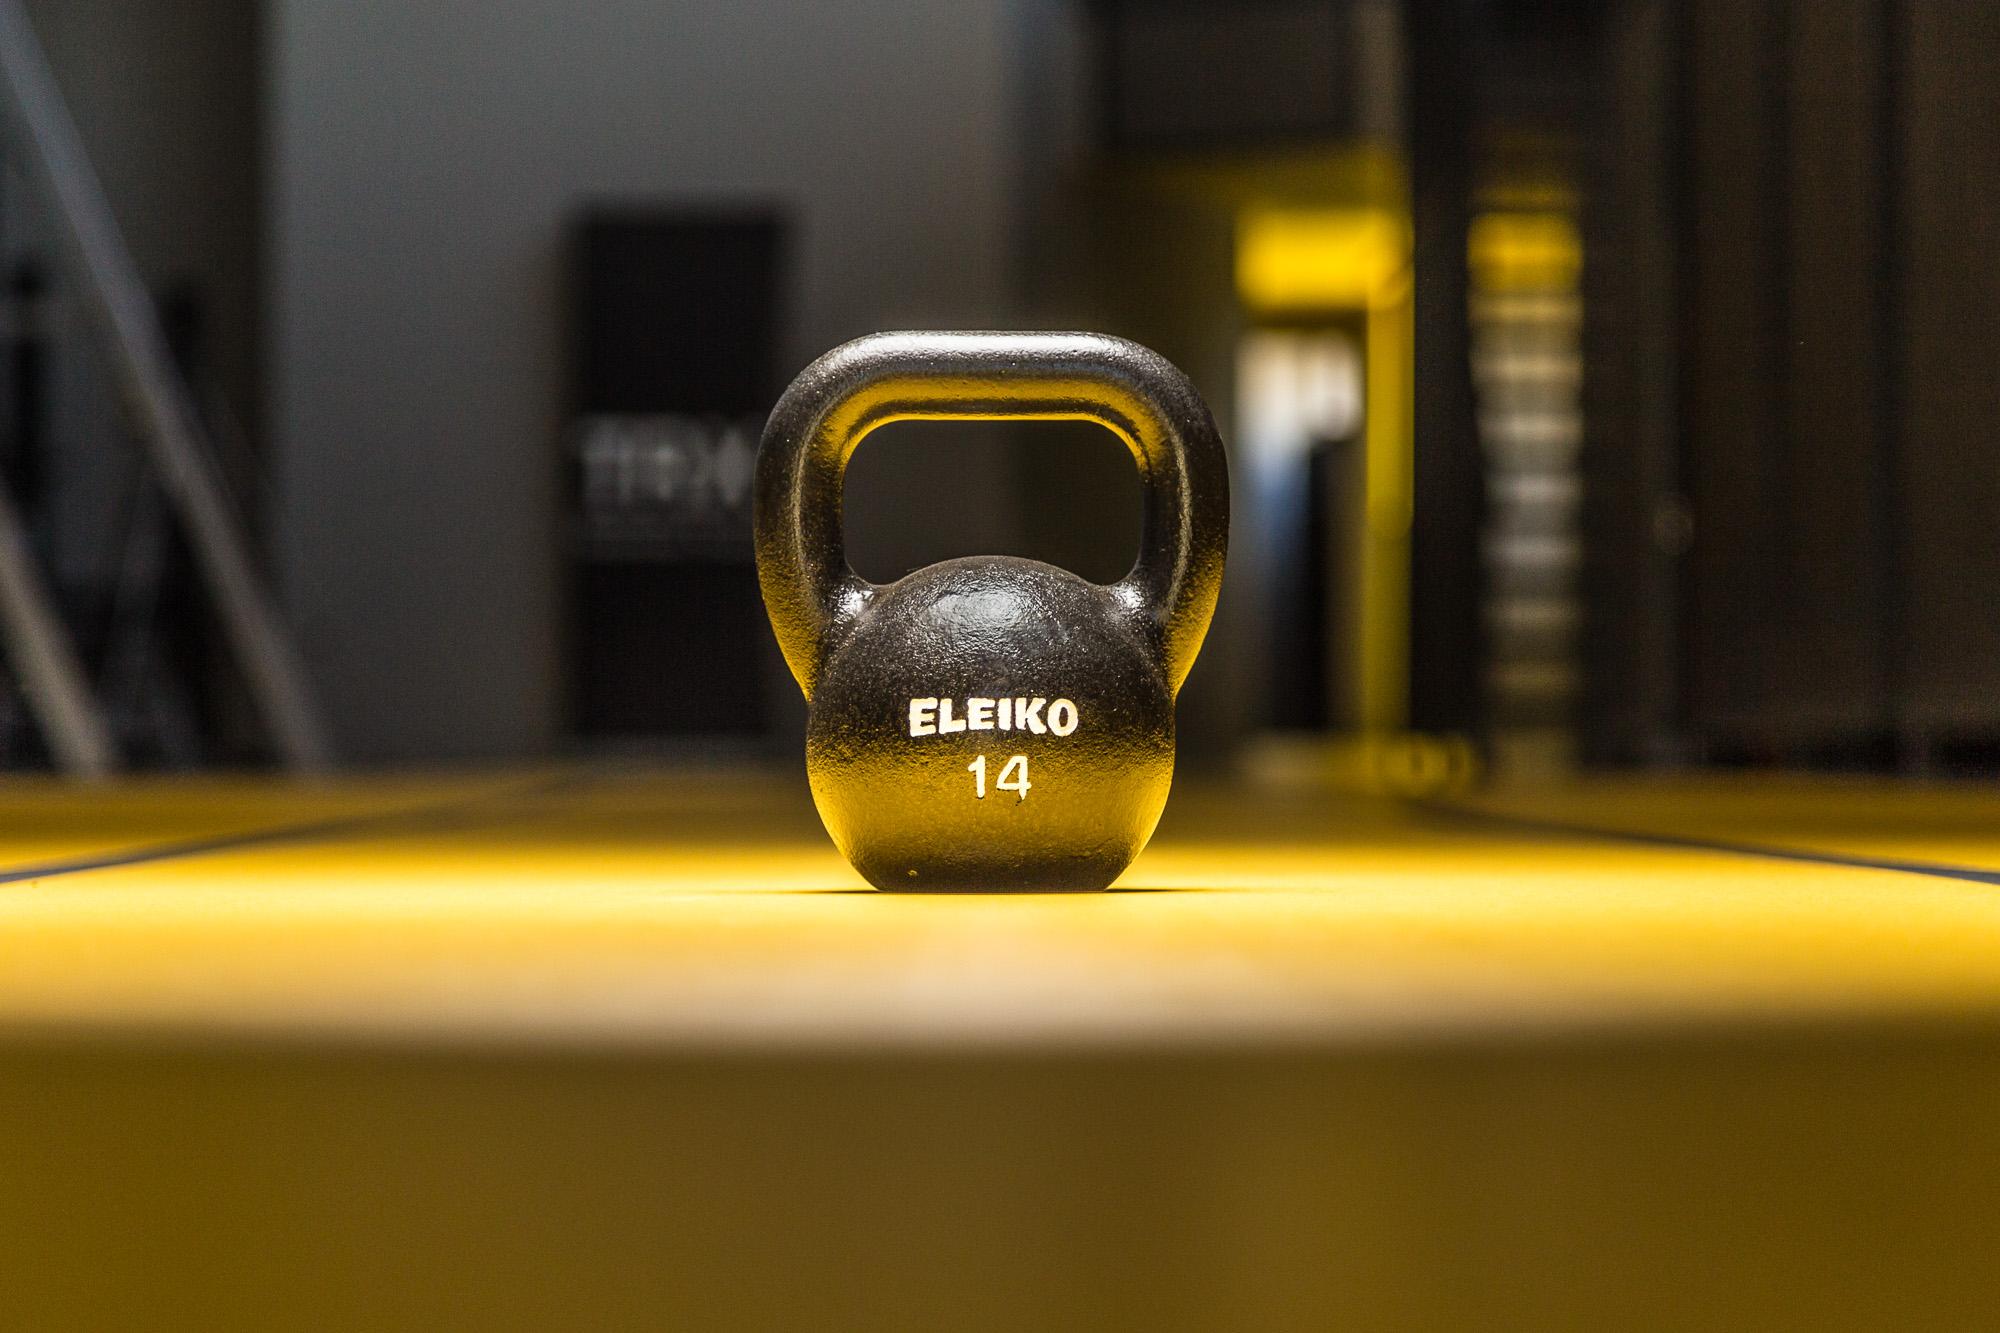 Φωτογράφιση εξοπλισμού του γυμναστηρίου, μαύρο βαράκι σε κίτρινο δάπεδο, φωτογραφημένο με φλας.